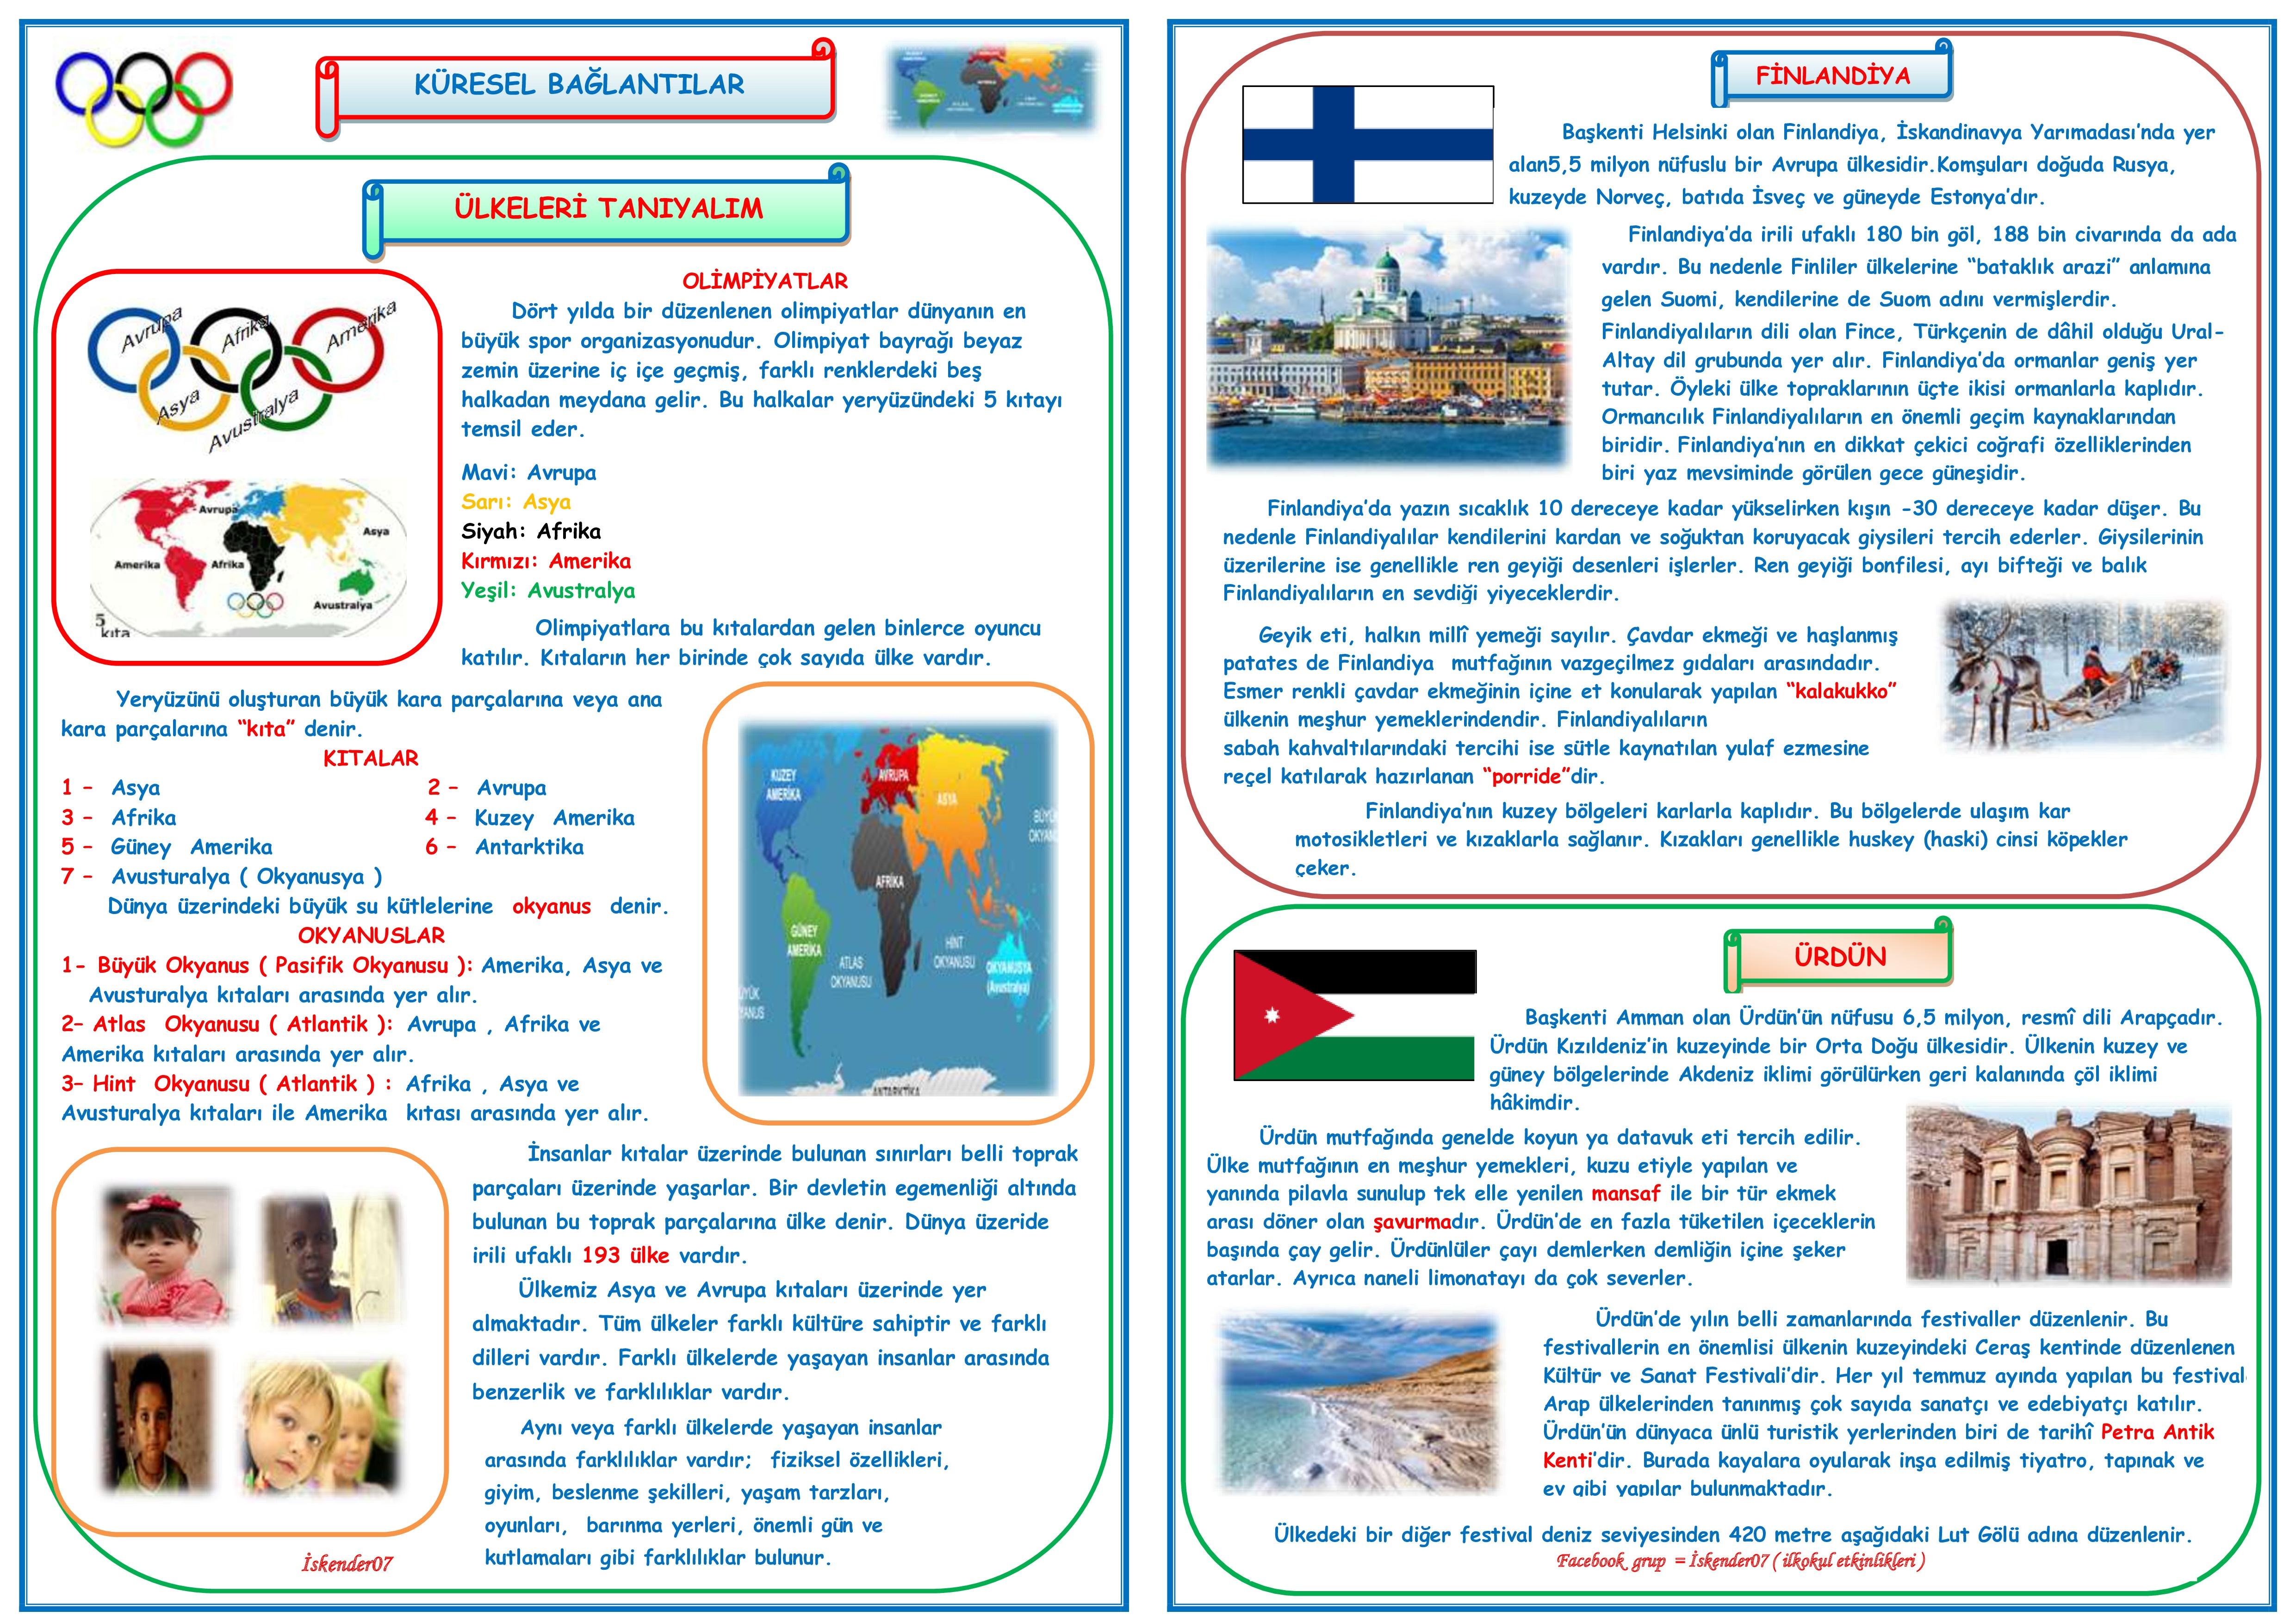 4.SINIF SOSYAL BİLGİLER KÜRESEL BAĞLANTILAR  (5 SAYFA)